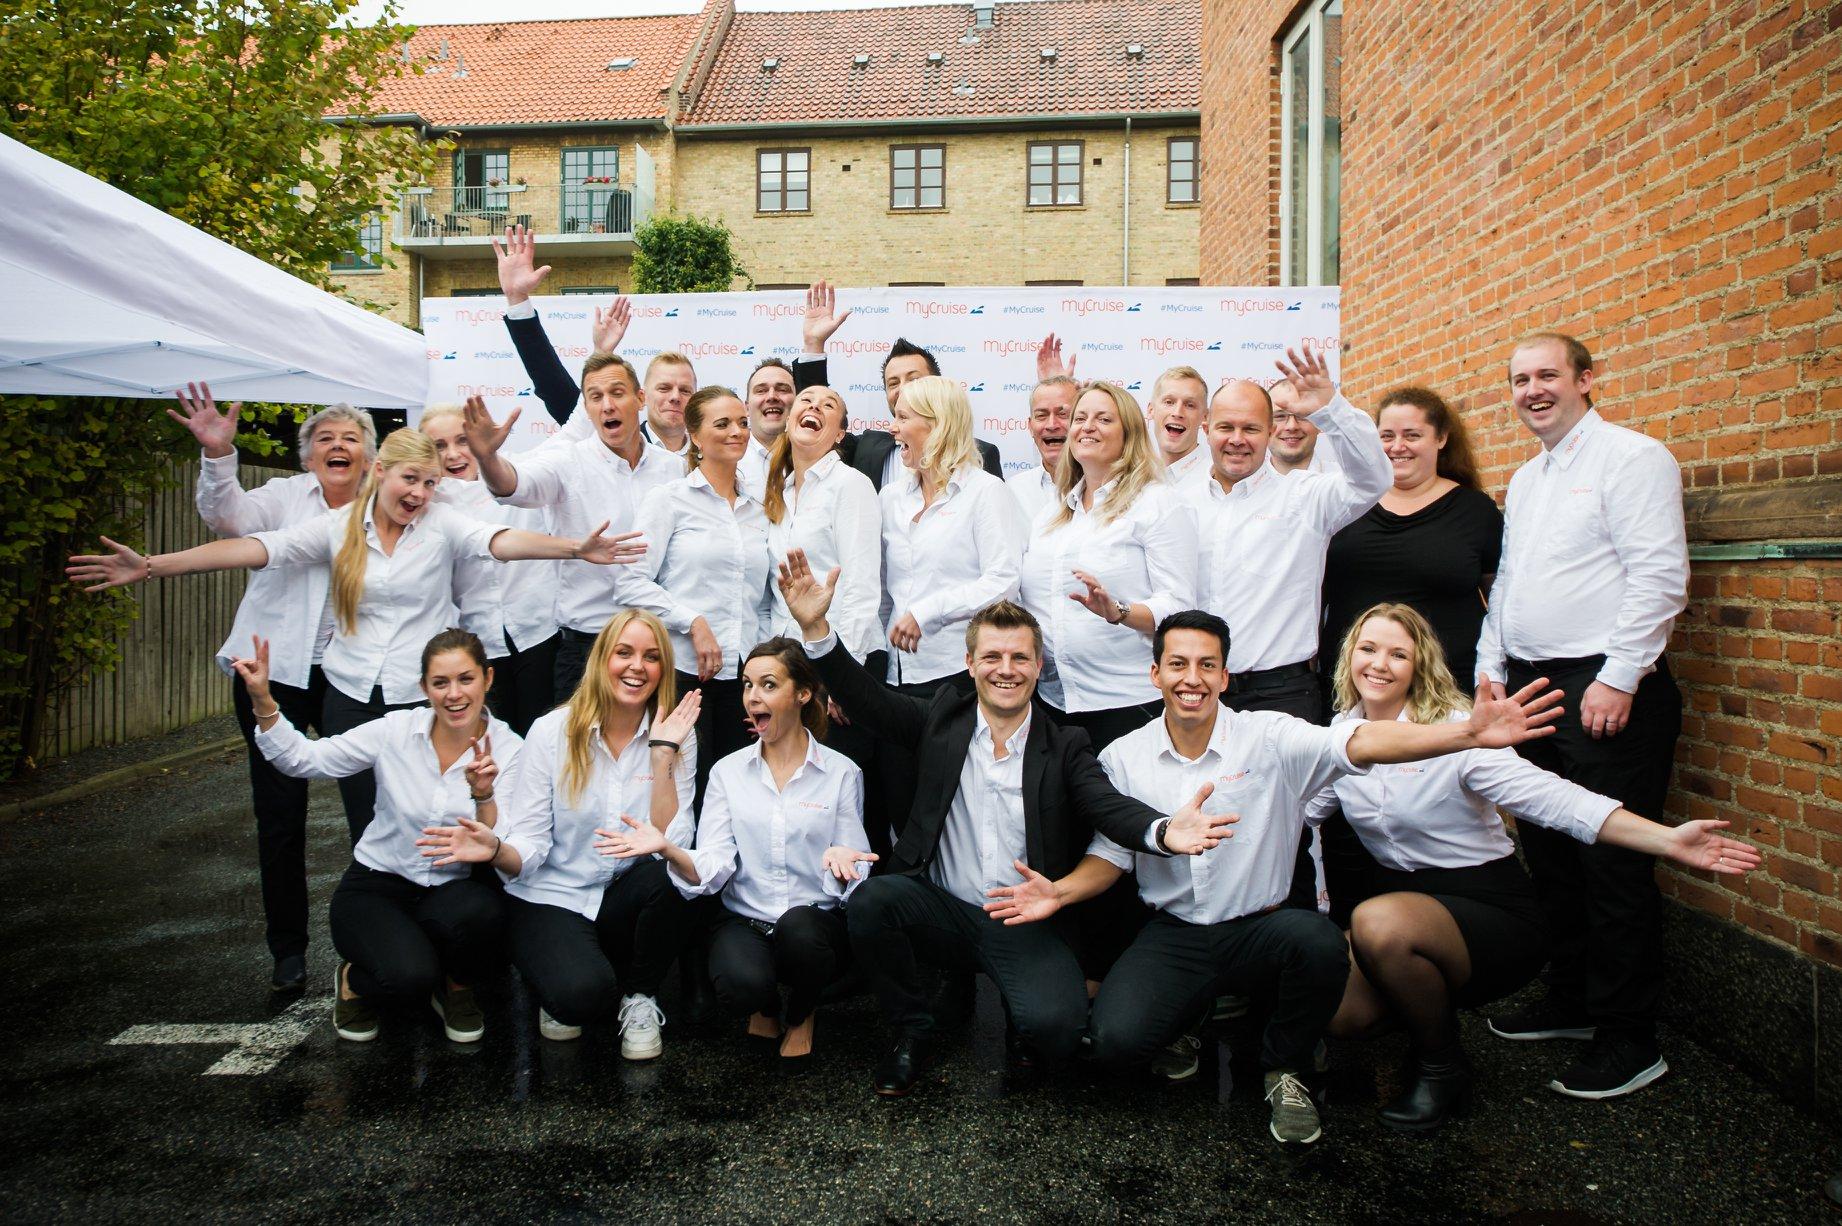 MyCruise fejrede i 2018 10-års jubilæum – her ses medarbejderne ved jubilæet. Foto: MyCruise.dk